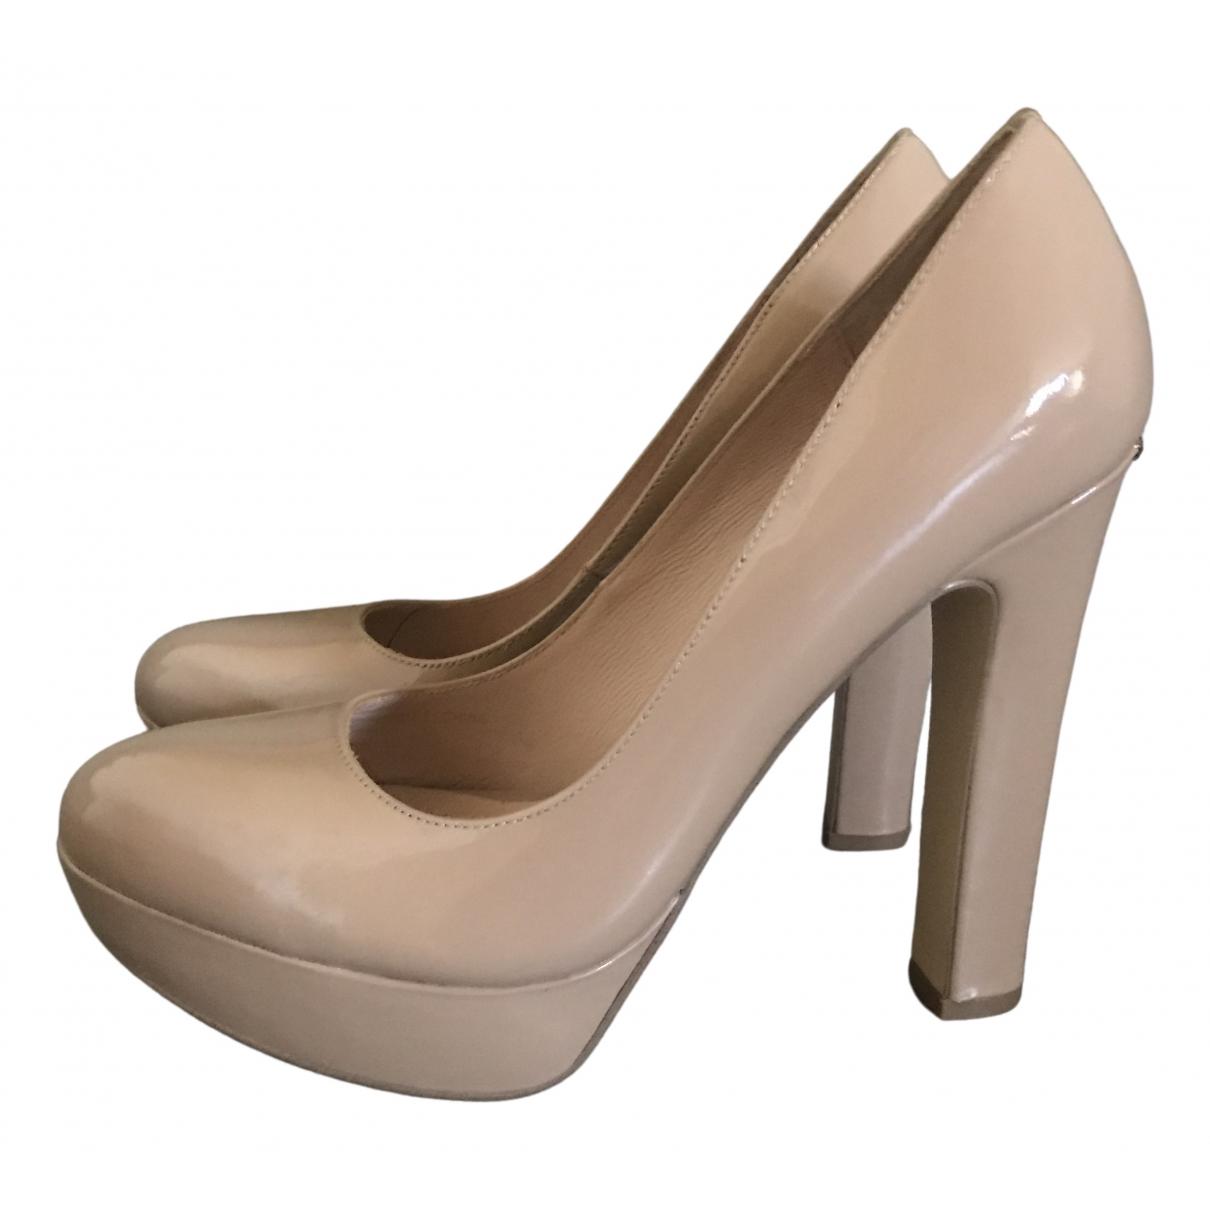 Liu.jo \N Camel Leather Heels for Women 37 IT